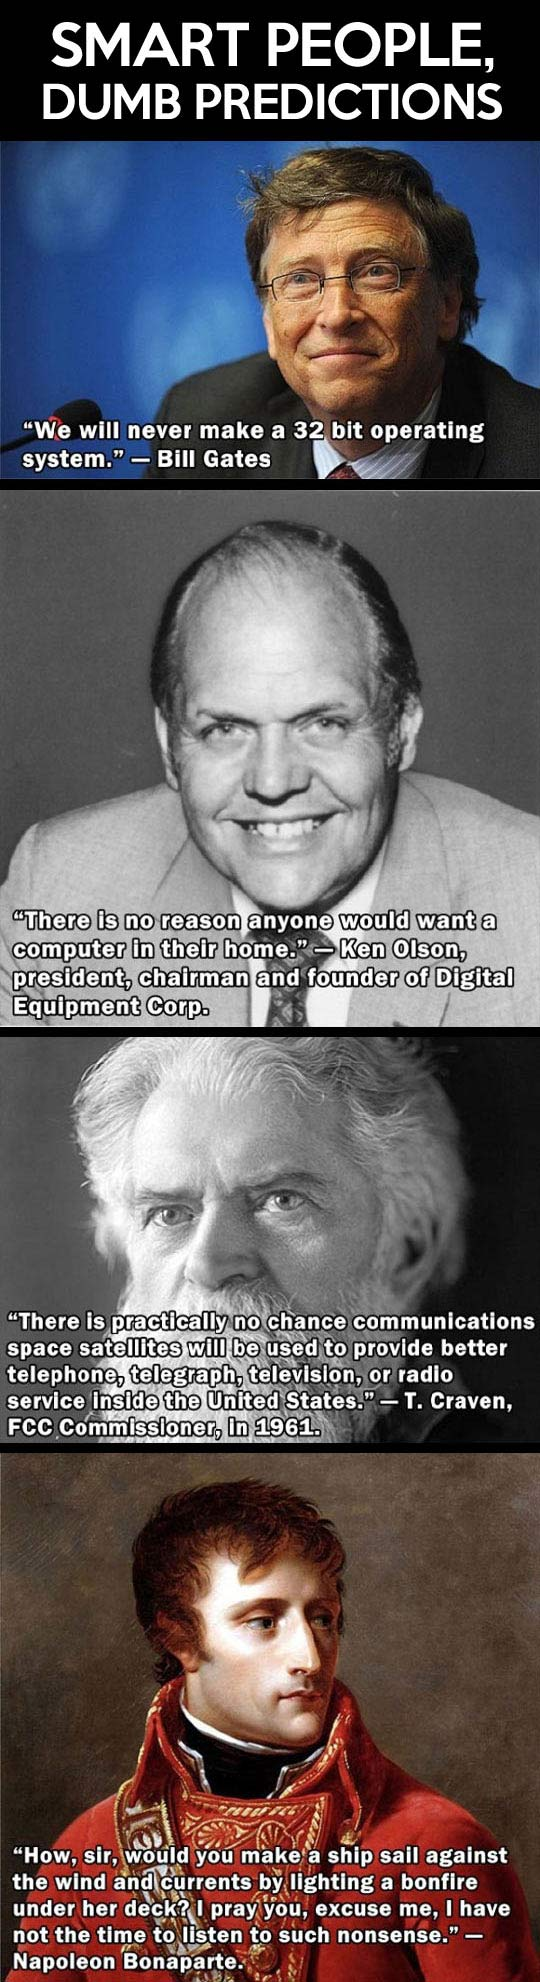 Smart people, dumb predictions...